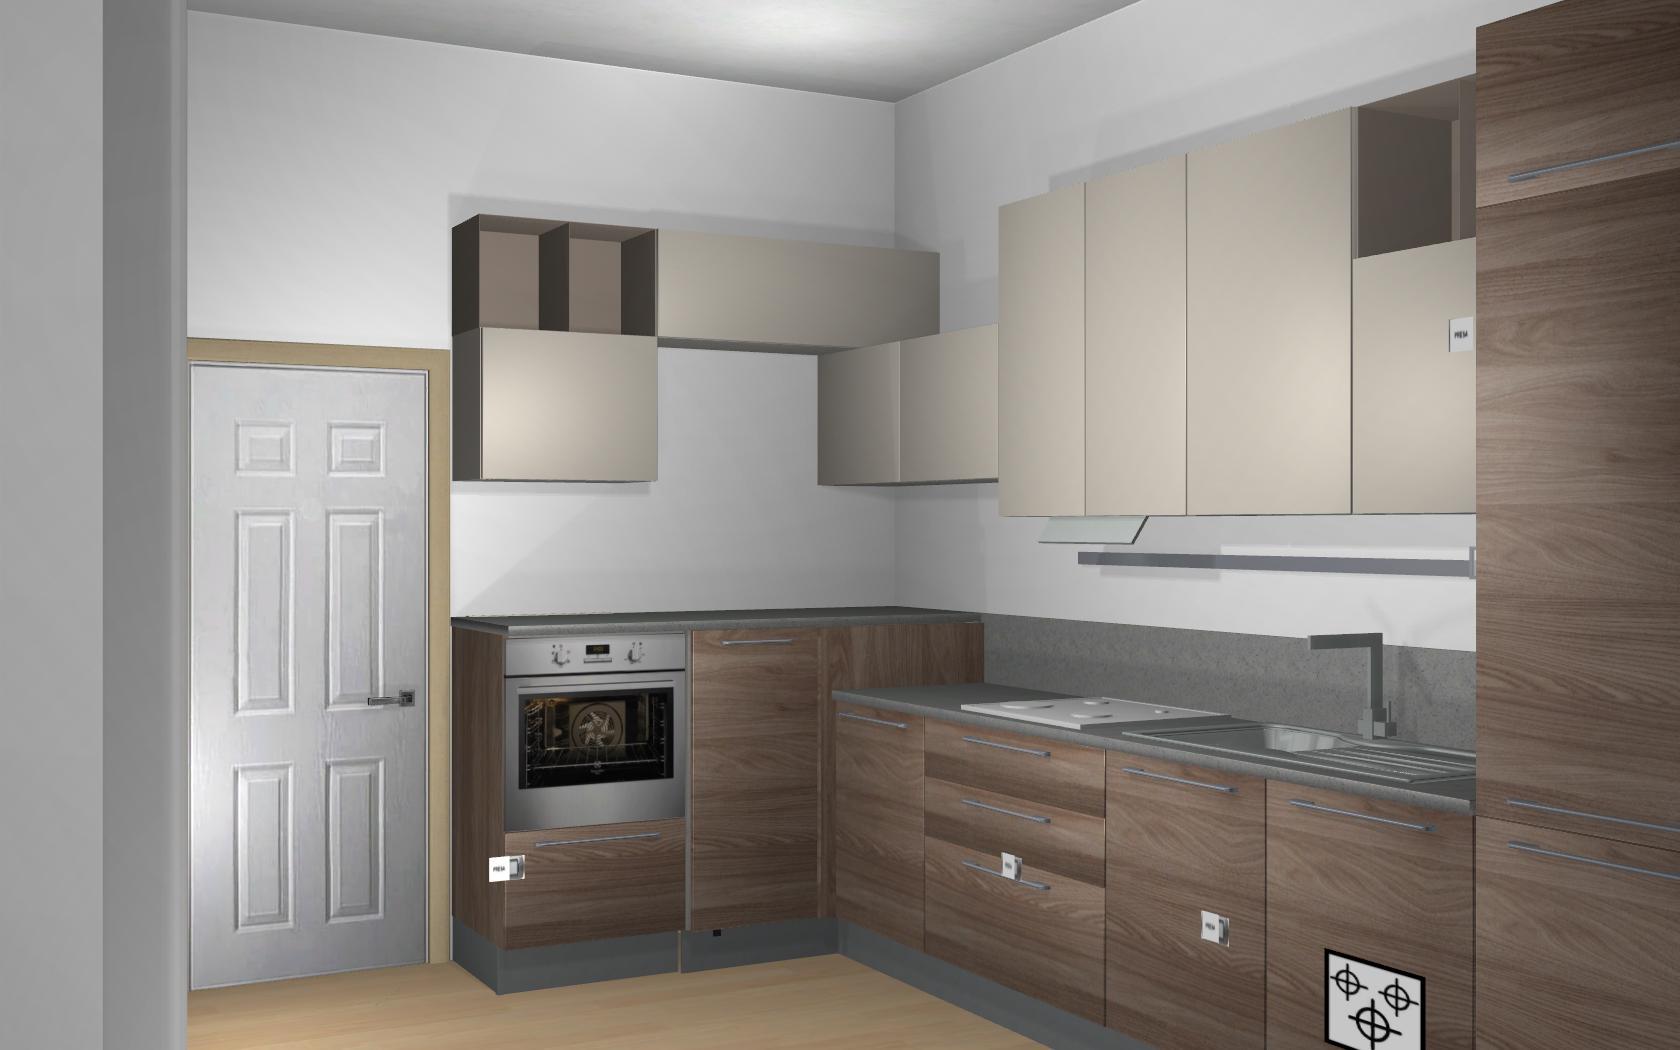 Scegliere ed acquistare una cucina da lops arredi design for Lops arredi distretto del design trezzano